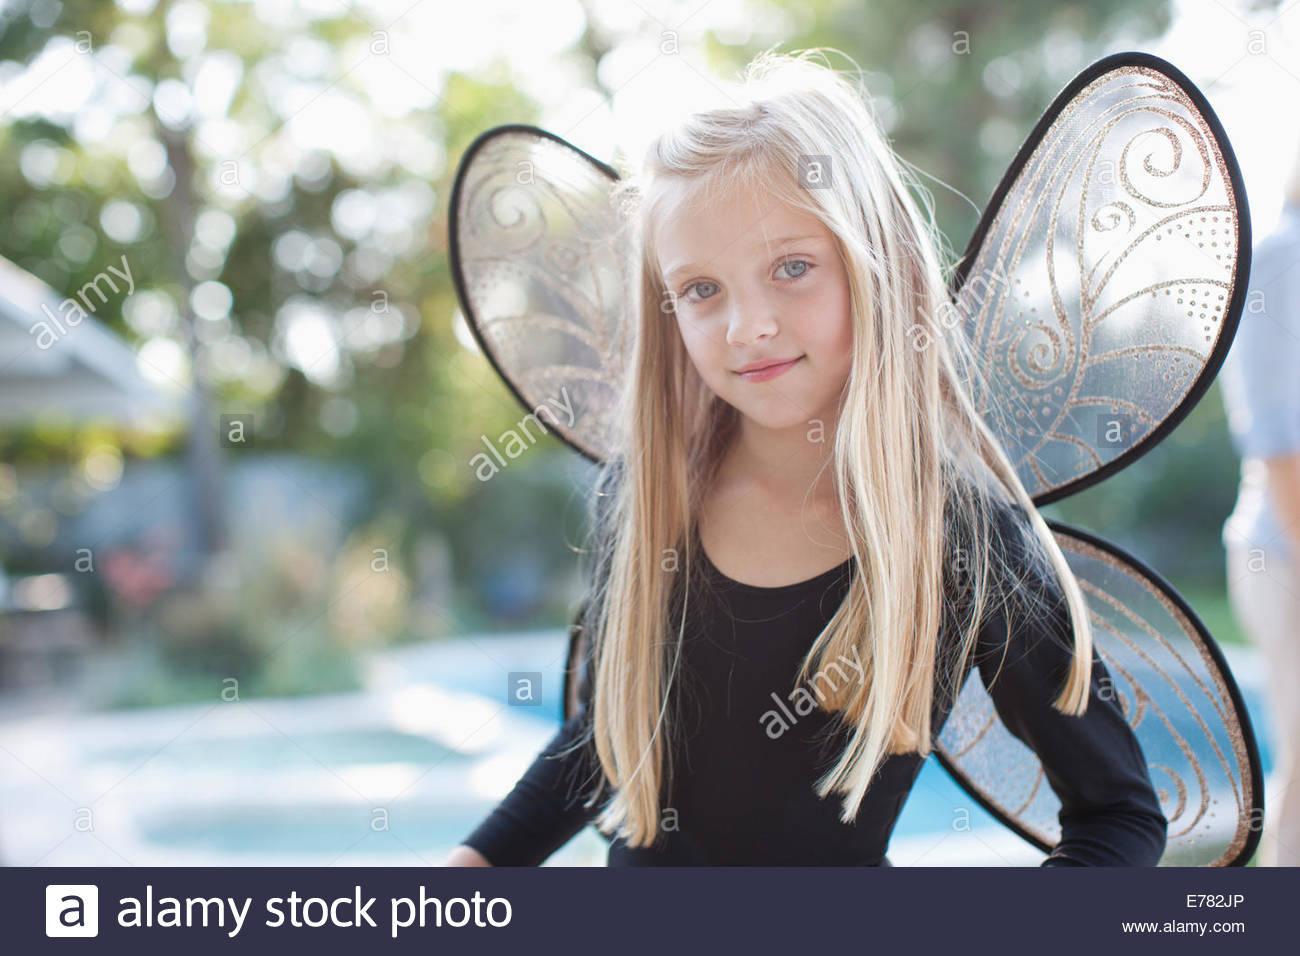 Girl wearing fairy wings in backyard - Stock Image